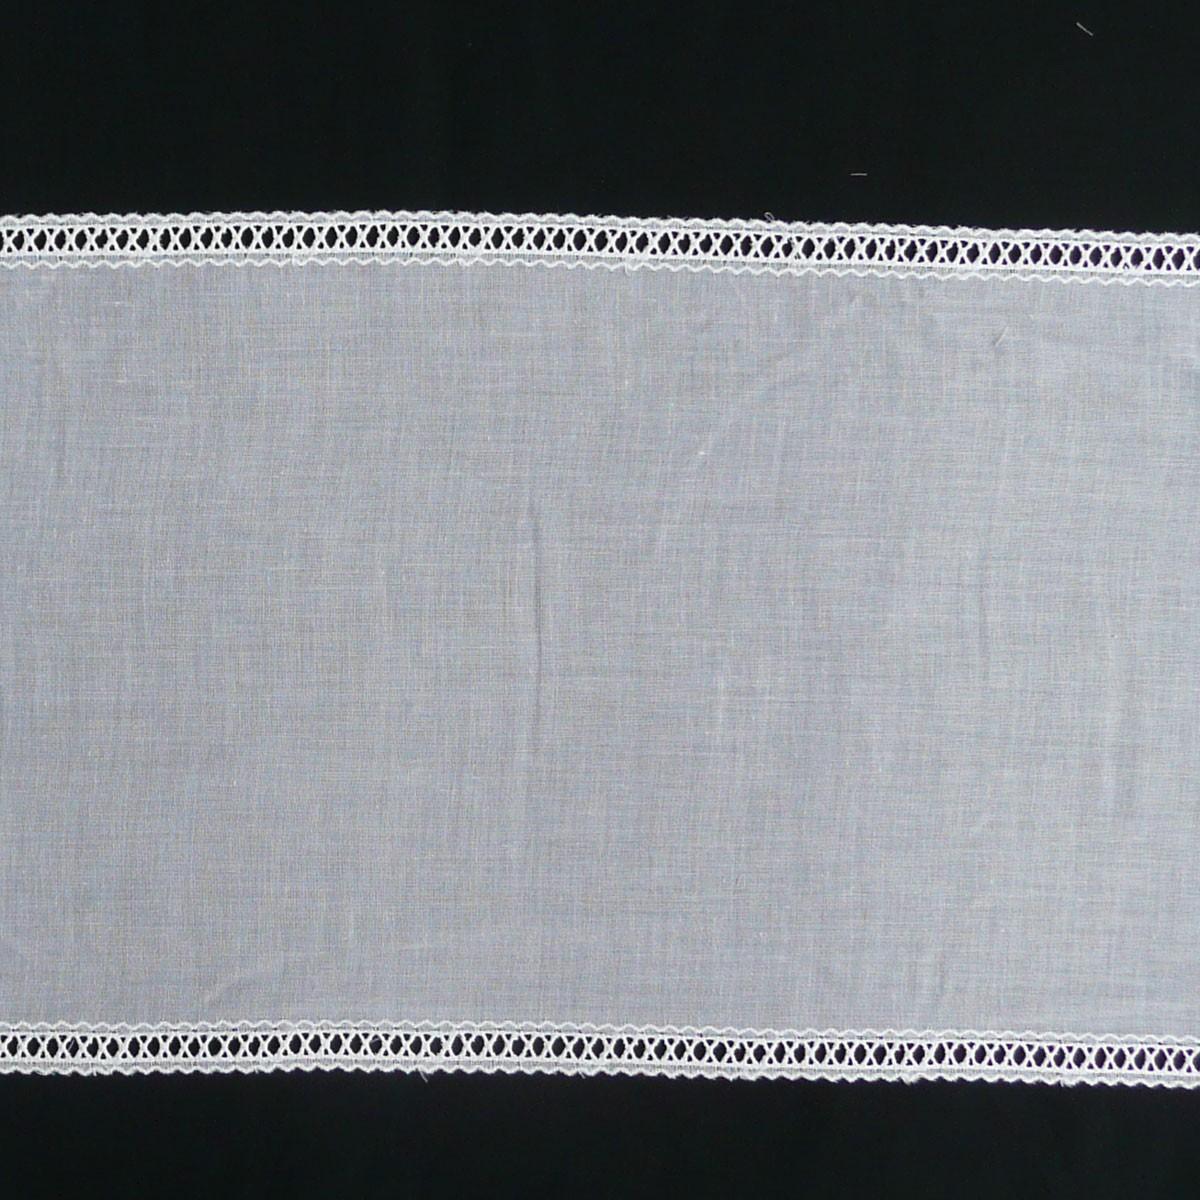 Gardinenstoff Flächenpaneele Tischband weiß mit Stickerei Breite: 28cm